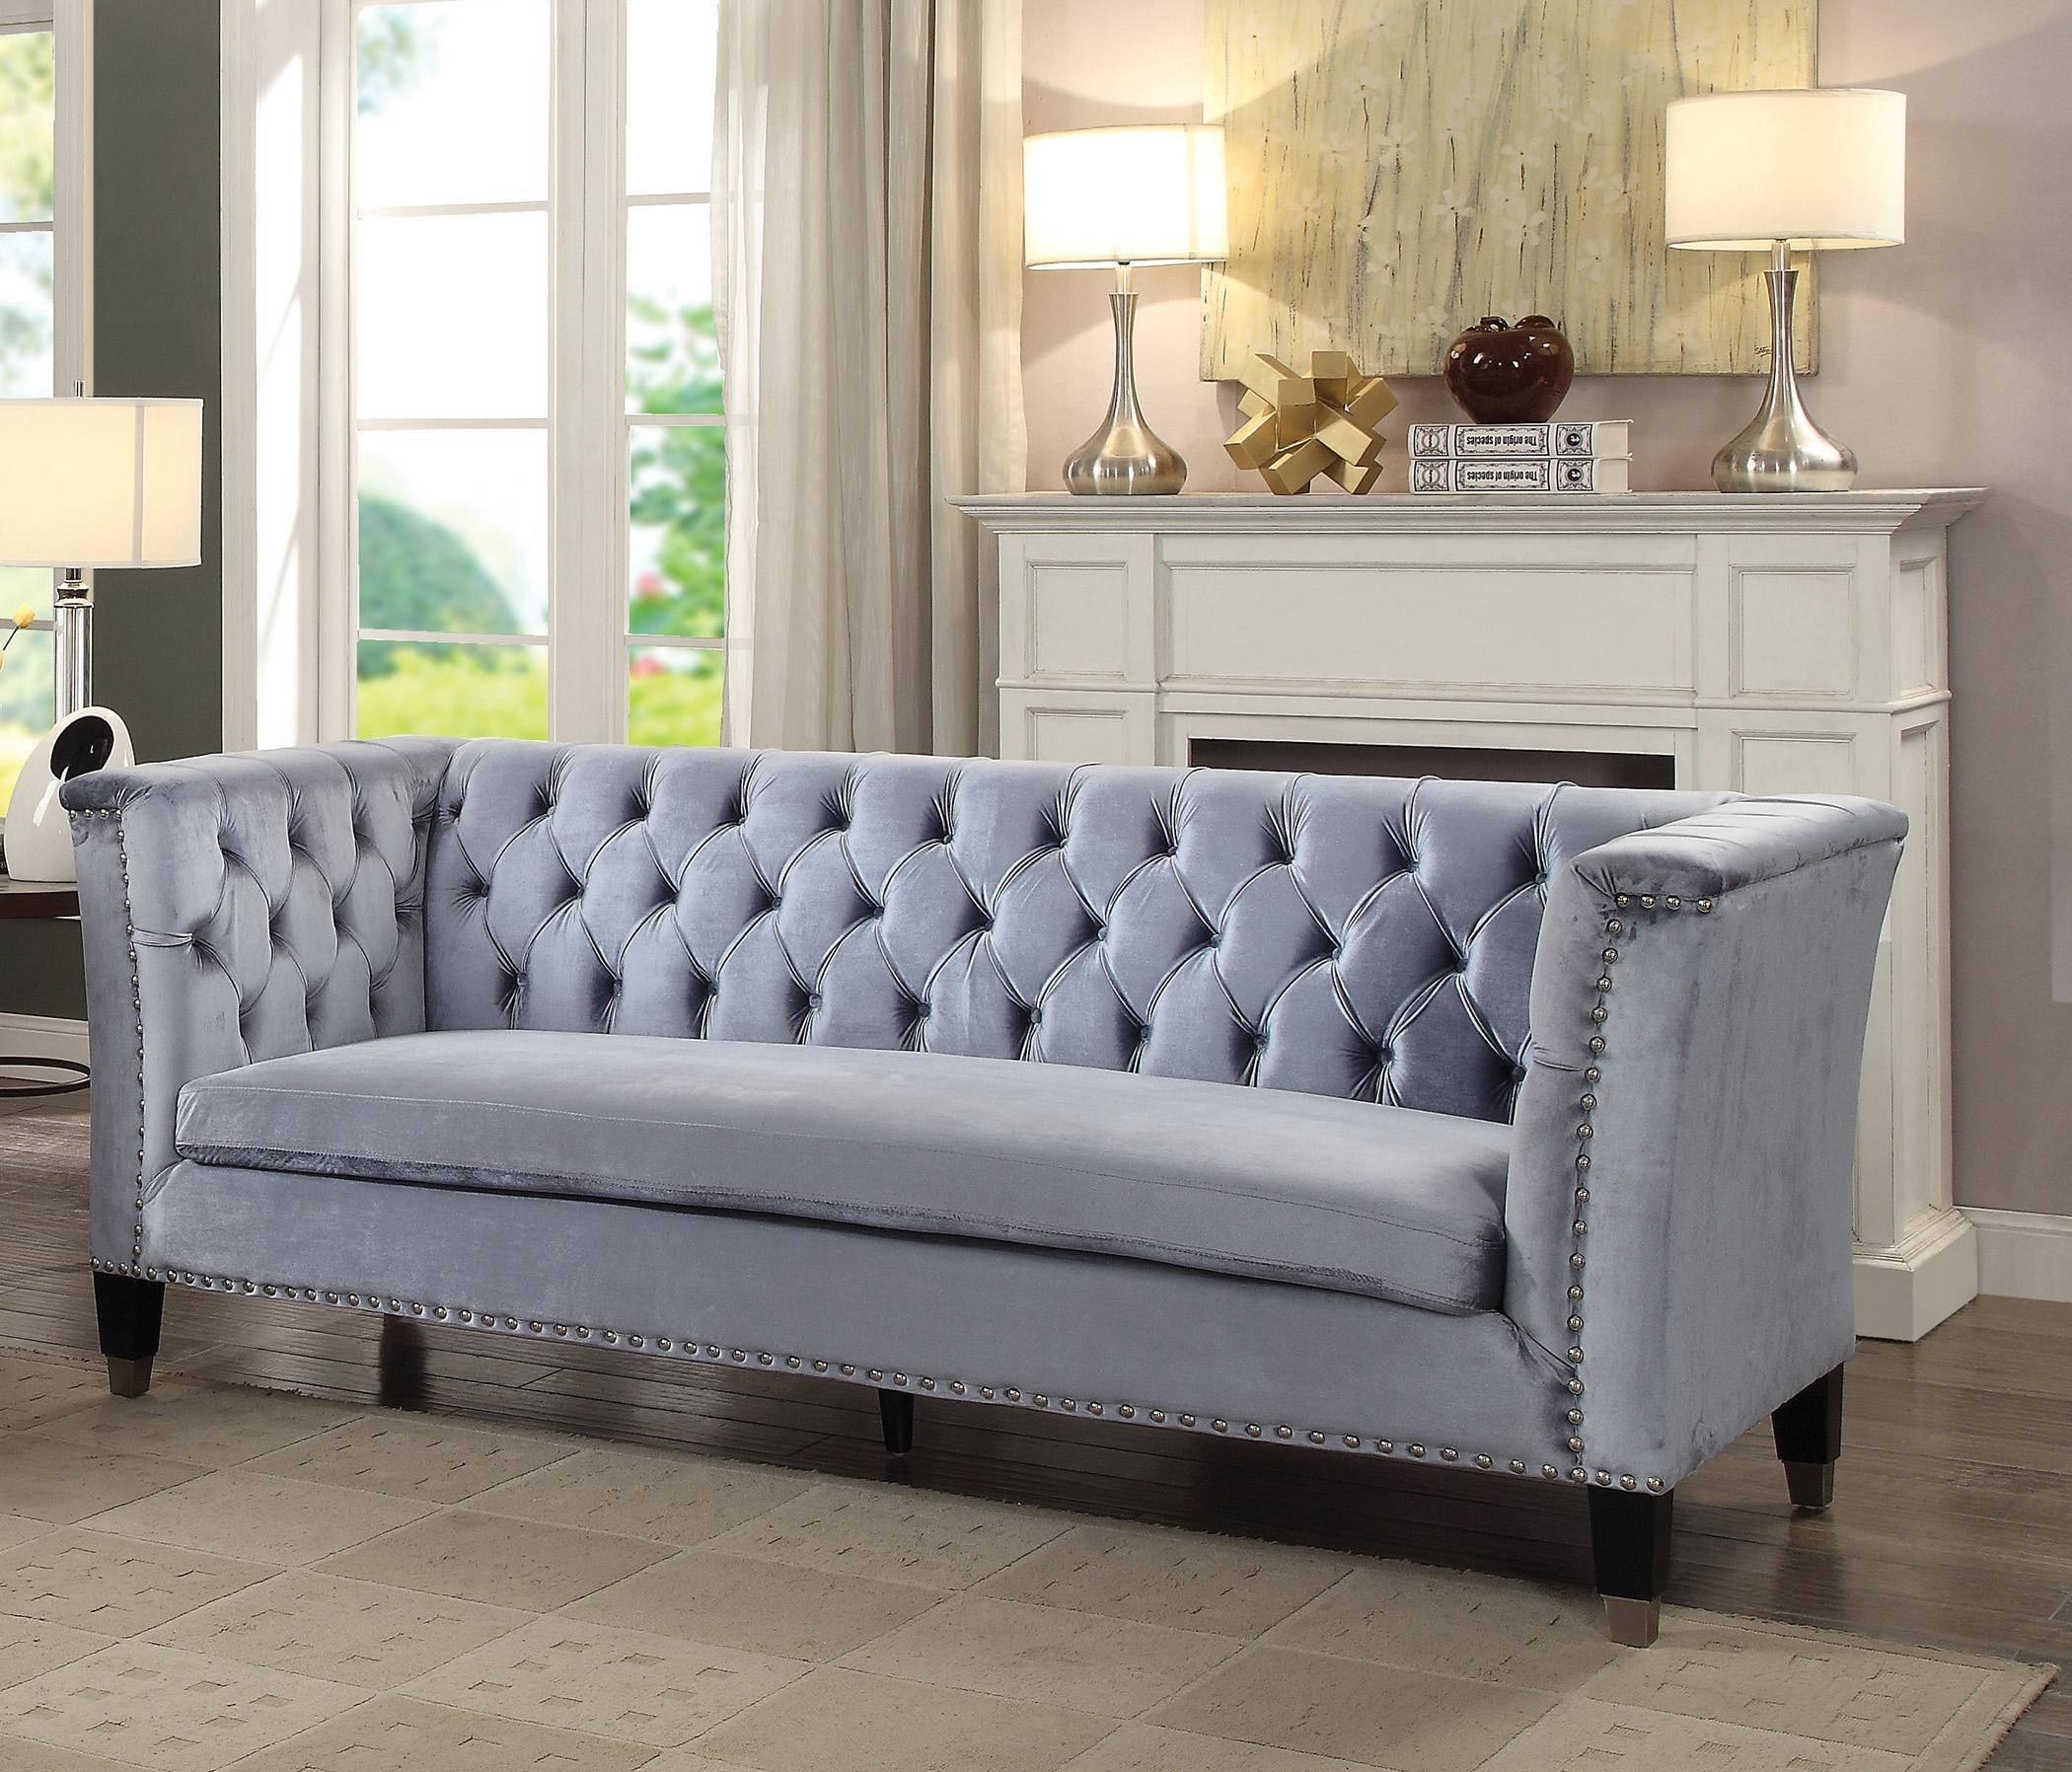 Picture of: Buy Acme Honor 52785 Sofa In Cobalt Blue Velvet Online